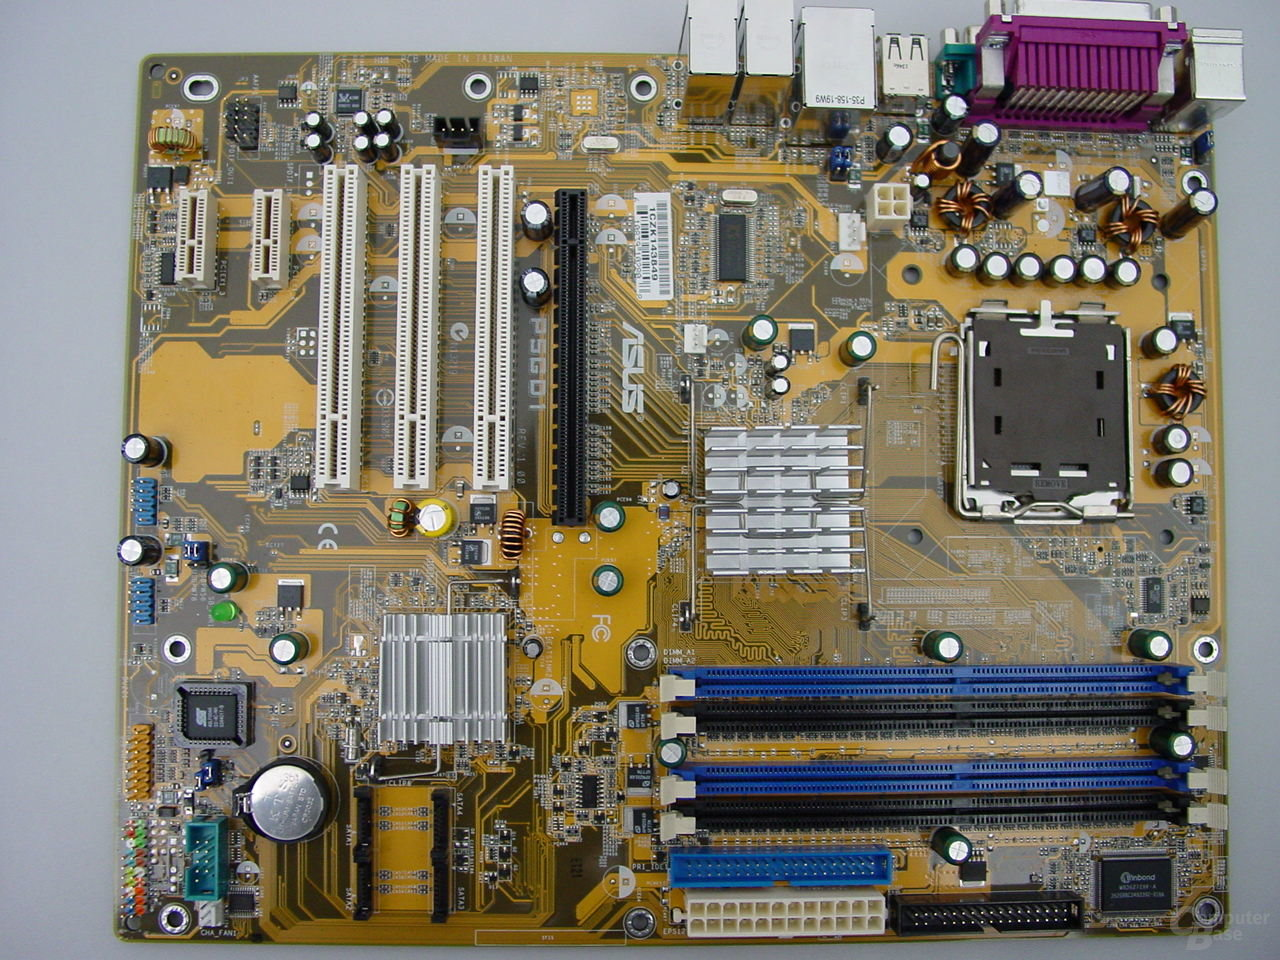 Asus P5GD1 mit Intel Grantsdale-P (915P) Chipsatz